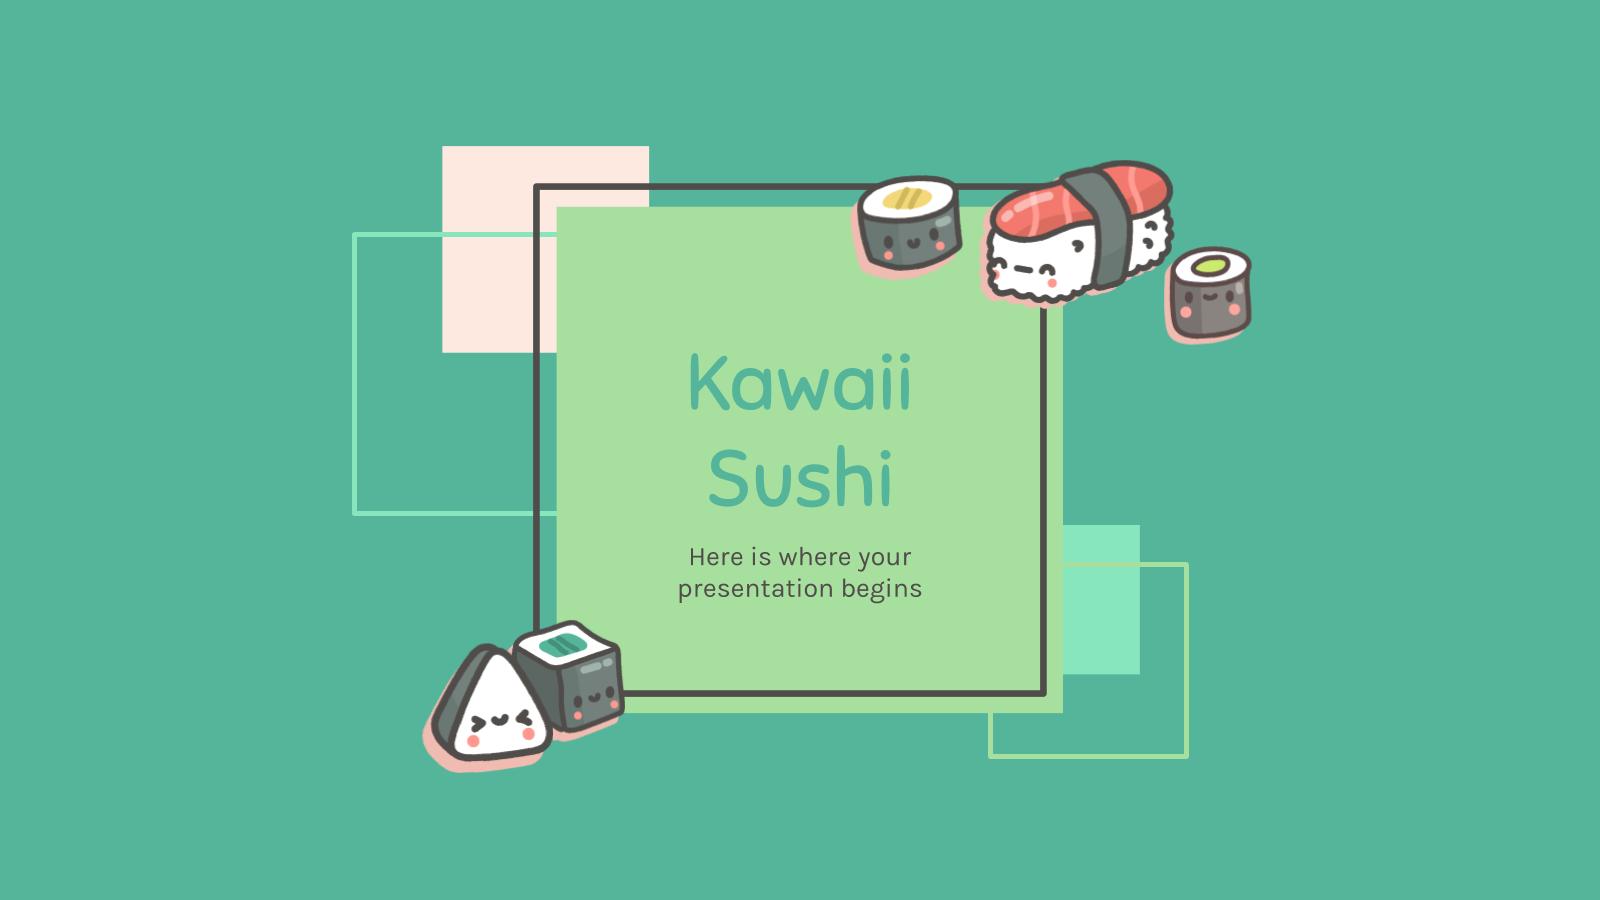 Restaurant de sushi Kawaii : Modèles de présentation